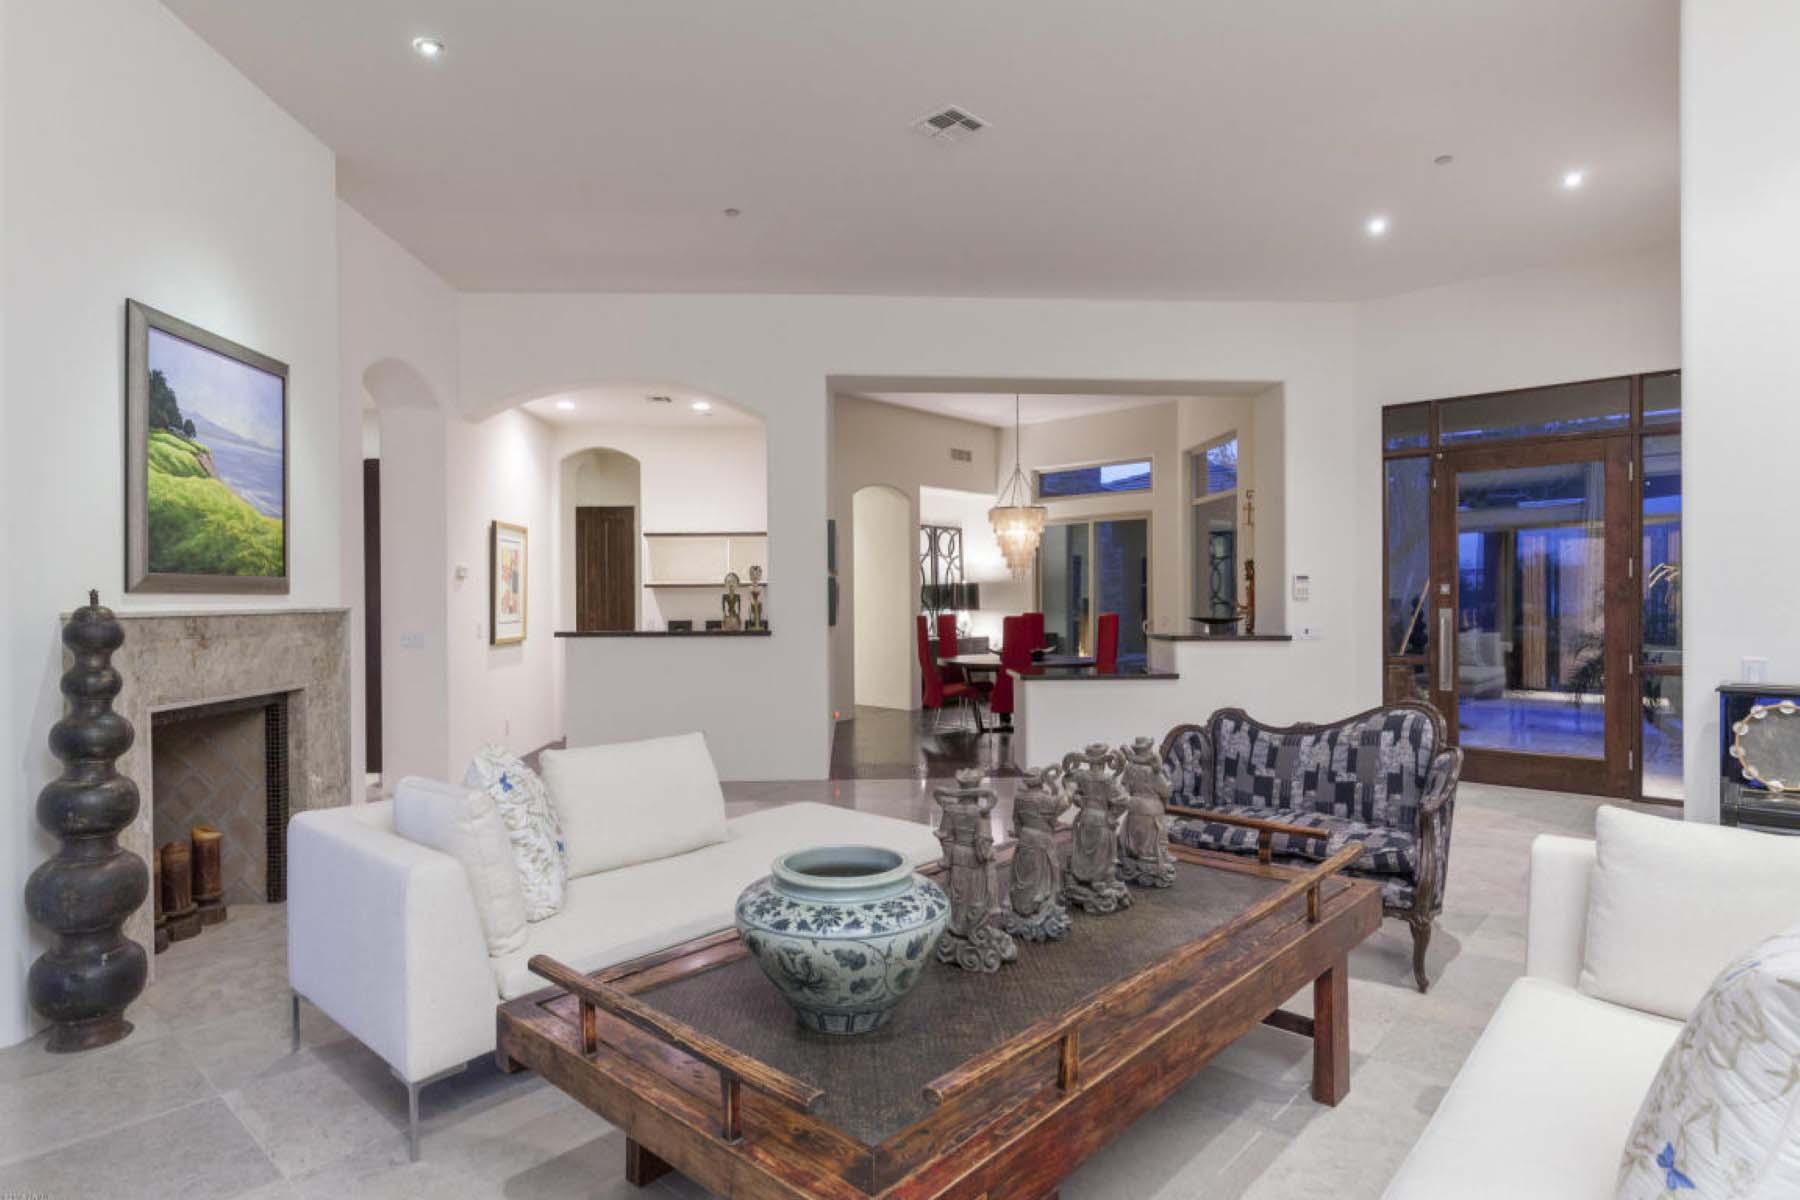 Maison unifamiliale pour l Vente à A must see custom soft contemporary residence. 9511 E CHINO DR Scottsdale, Arizona 85255 États-Unis